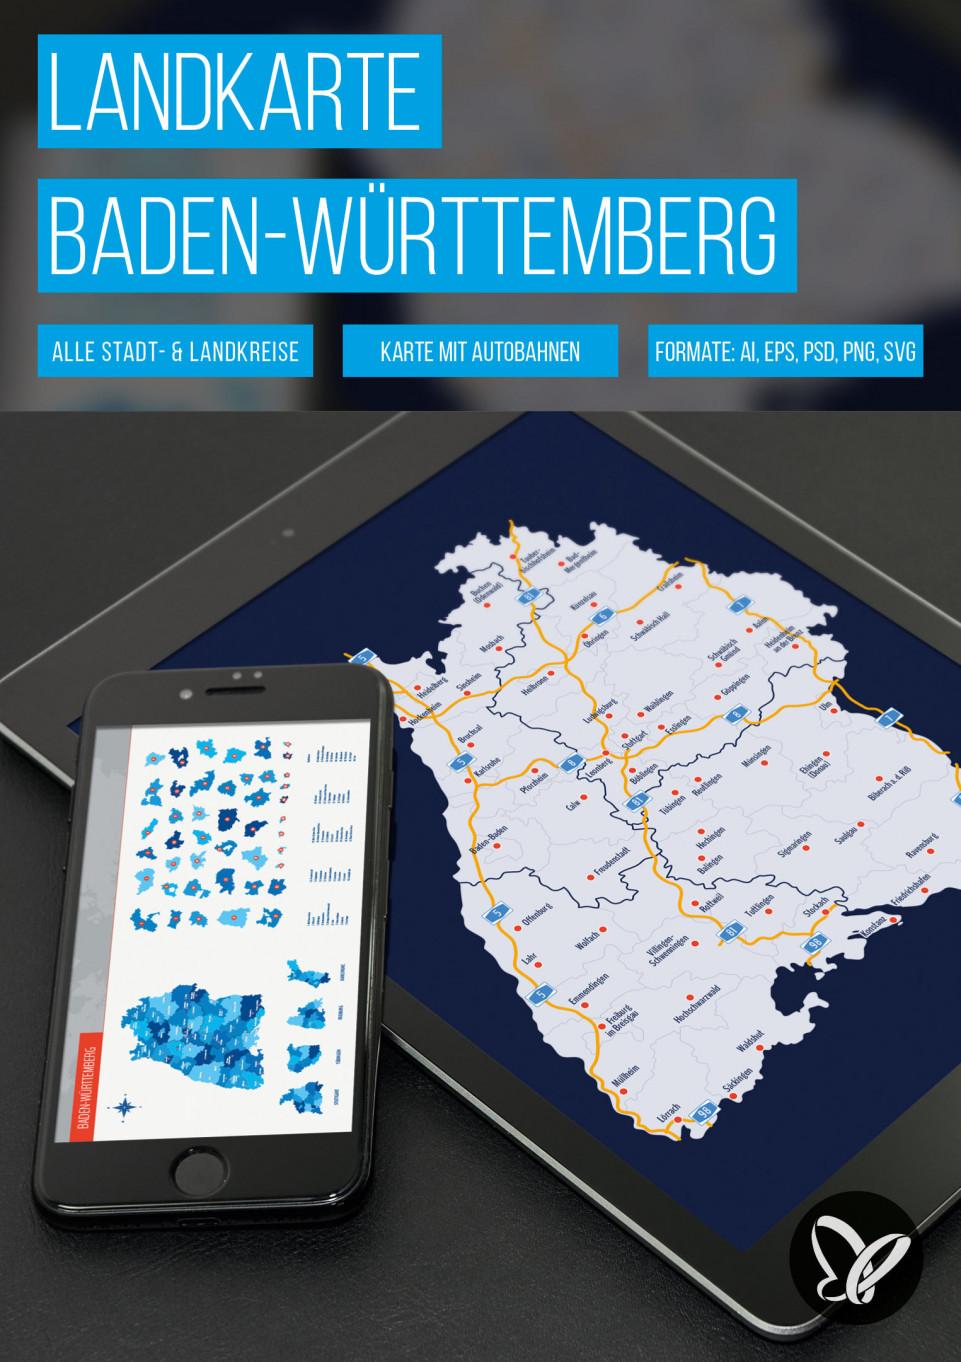 Landkarte Baden-Württemberg mit Landkreisen